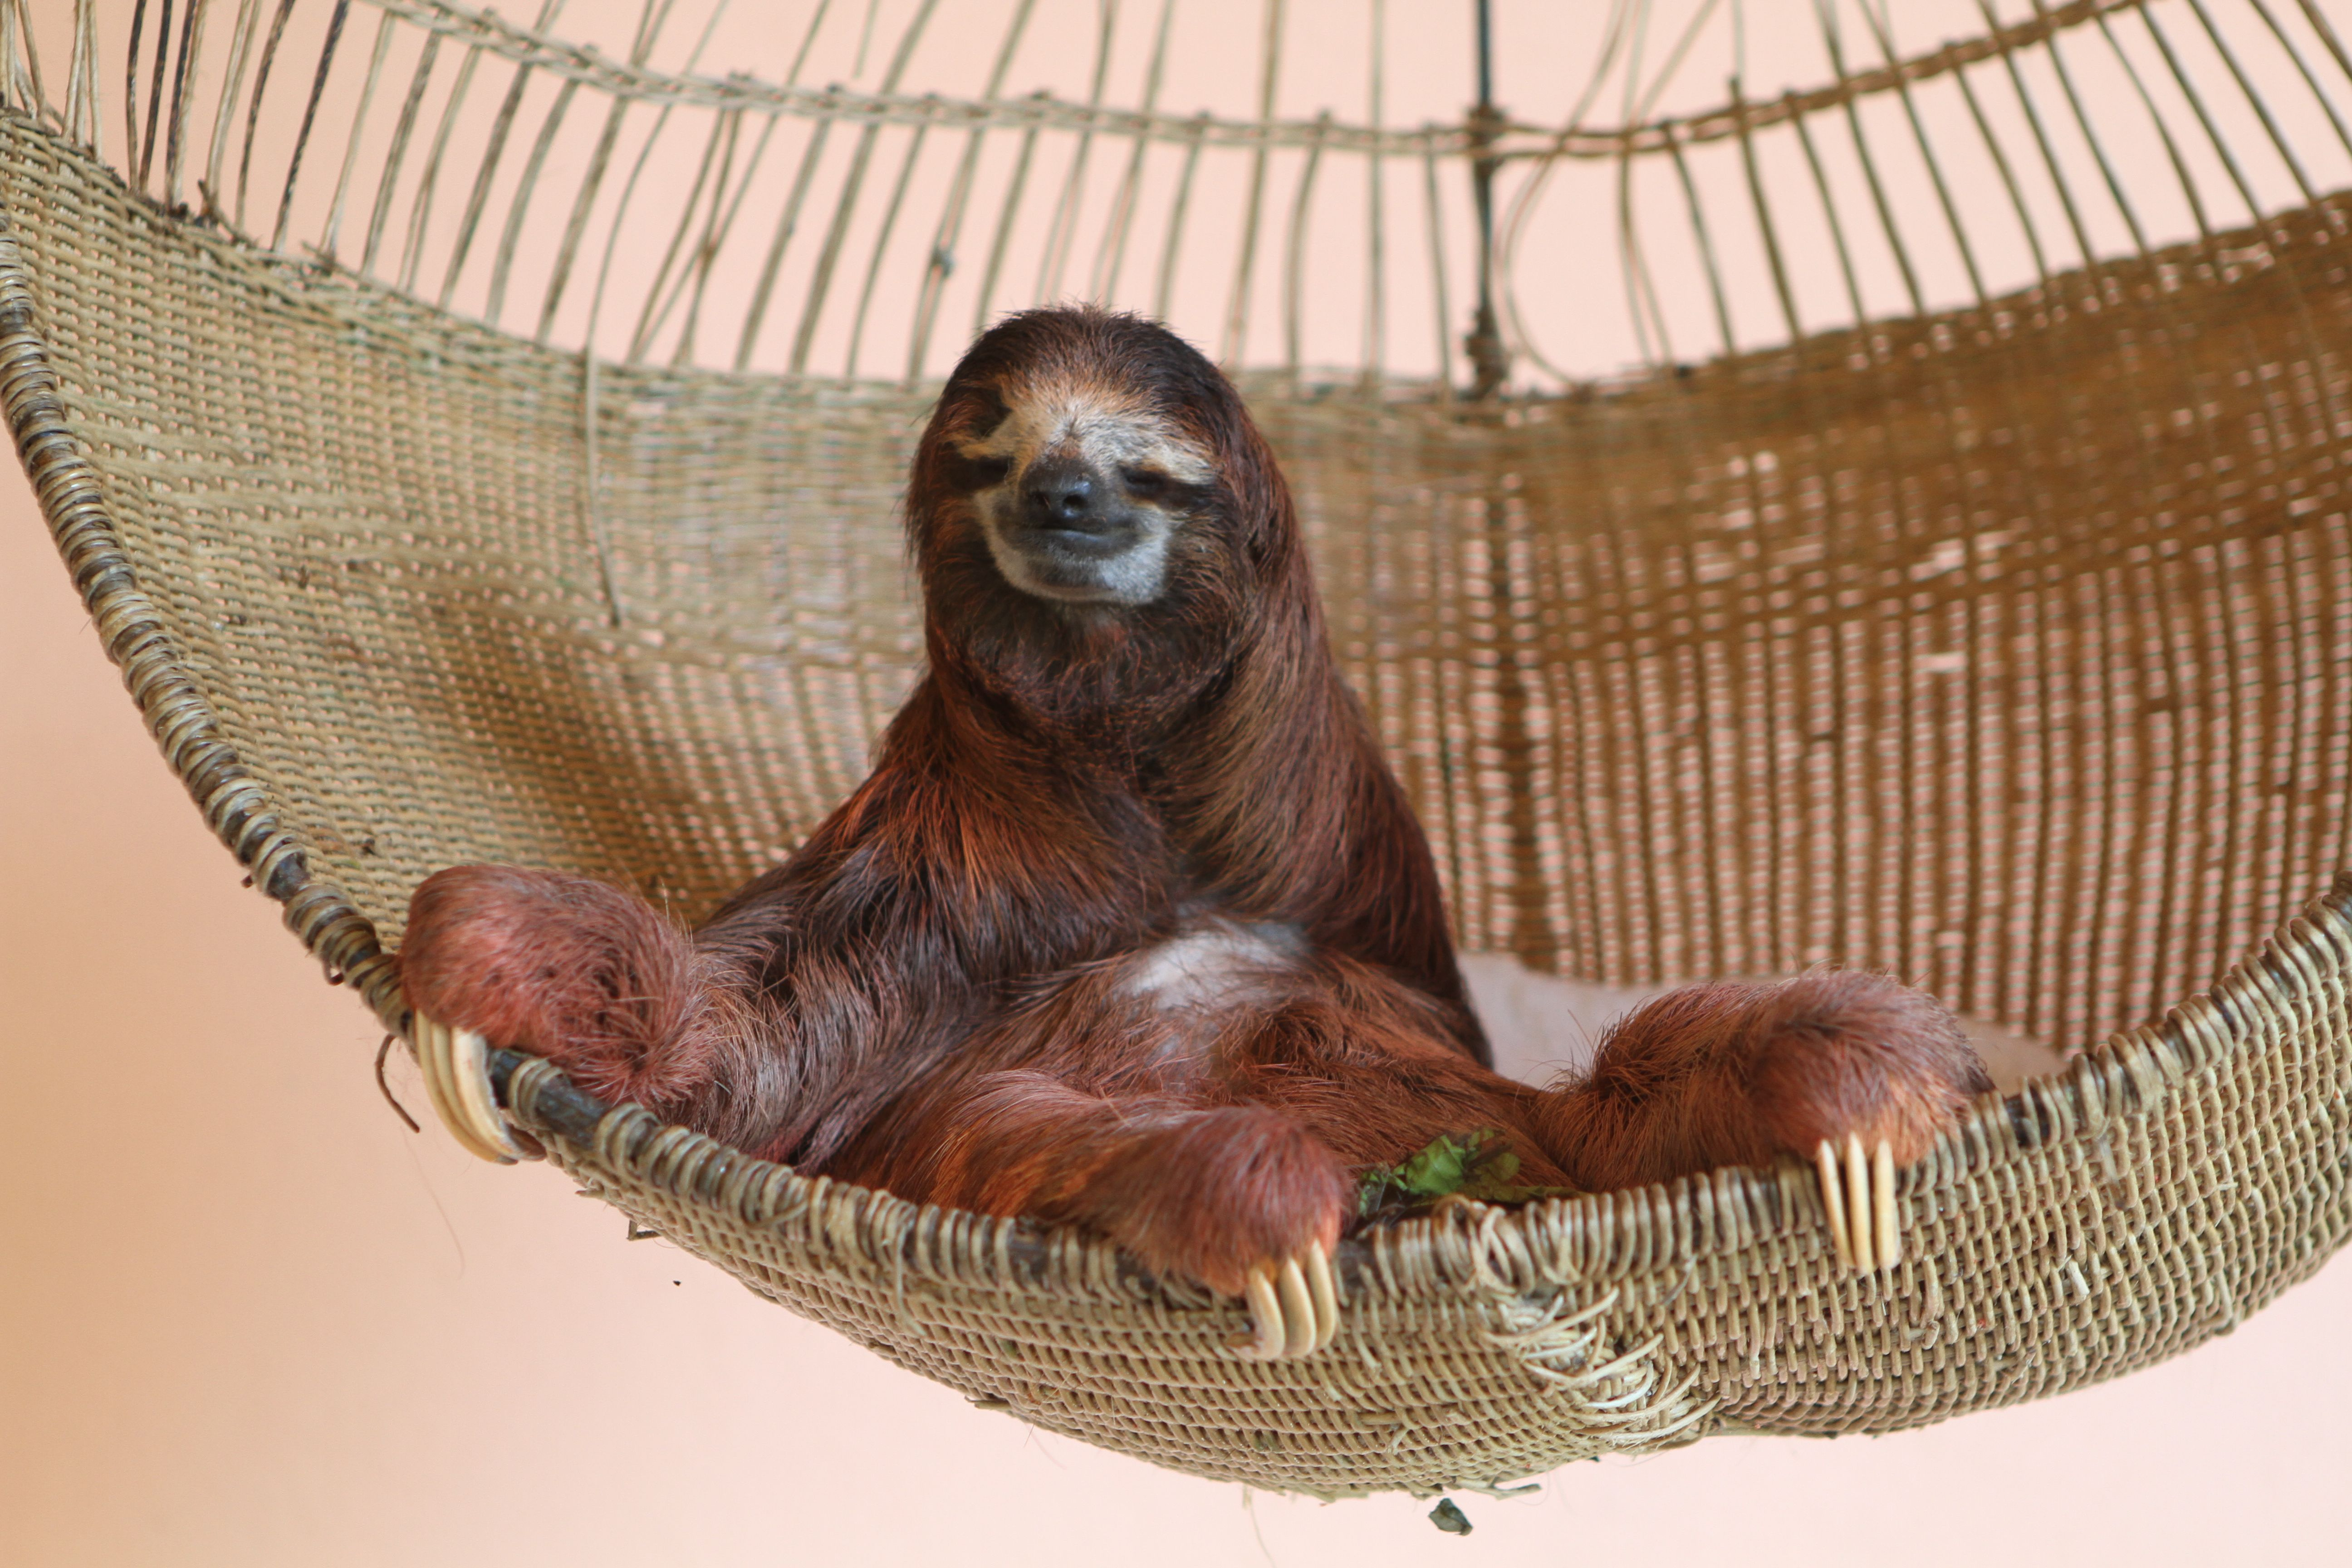 The Ninja Sloth Image